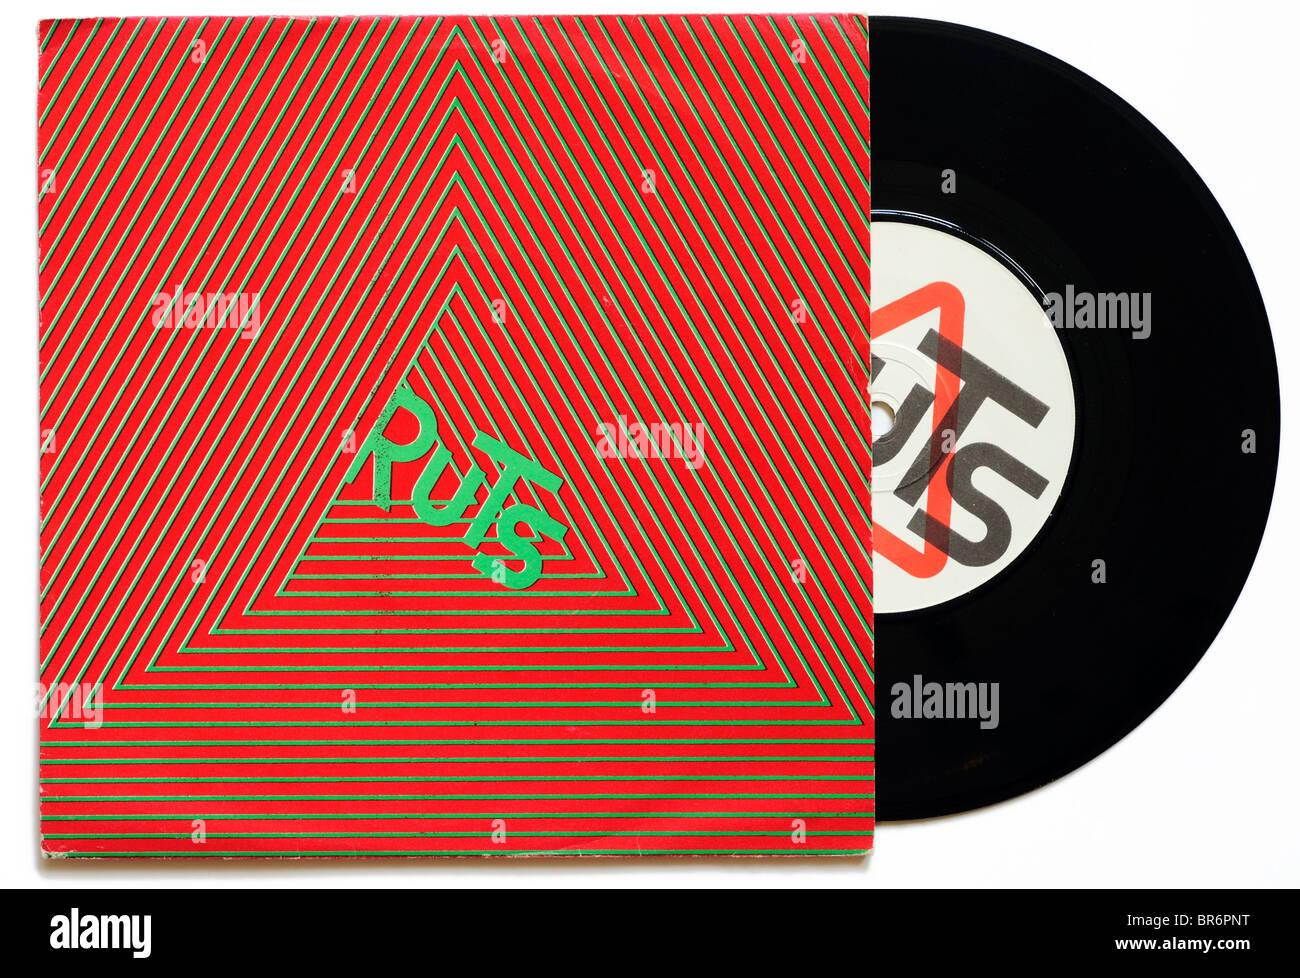 Ruts Babylons Burning single - Stock Image